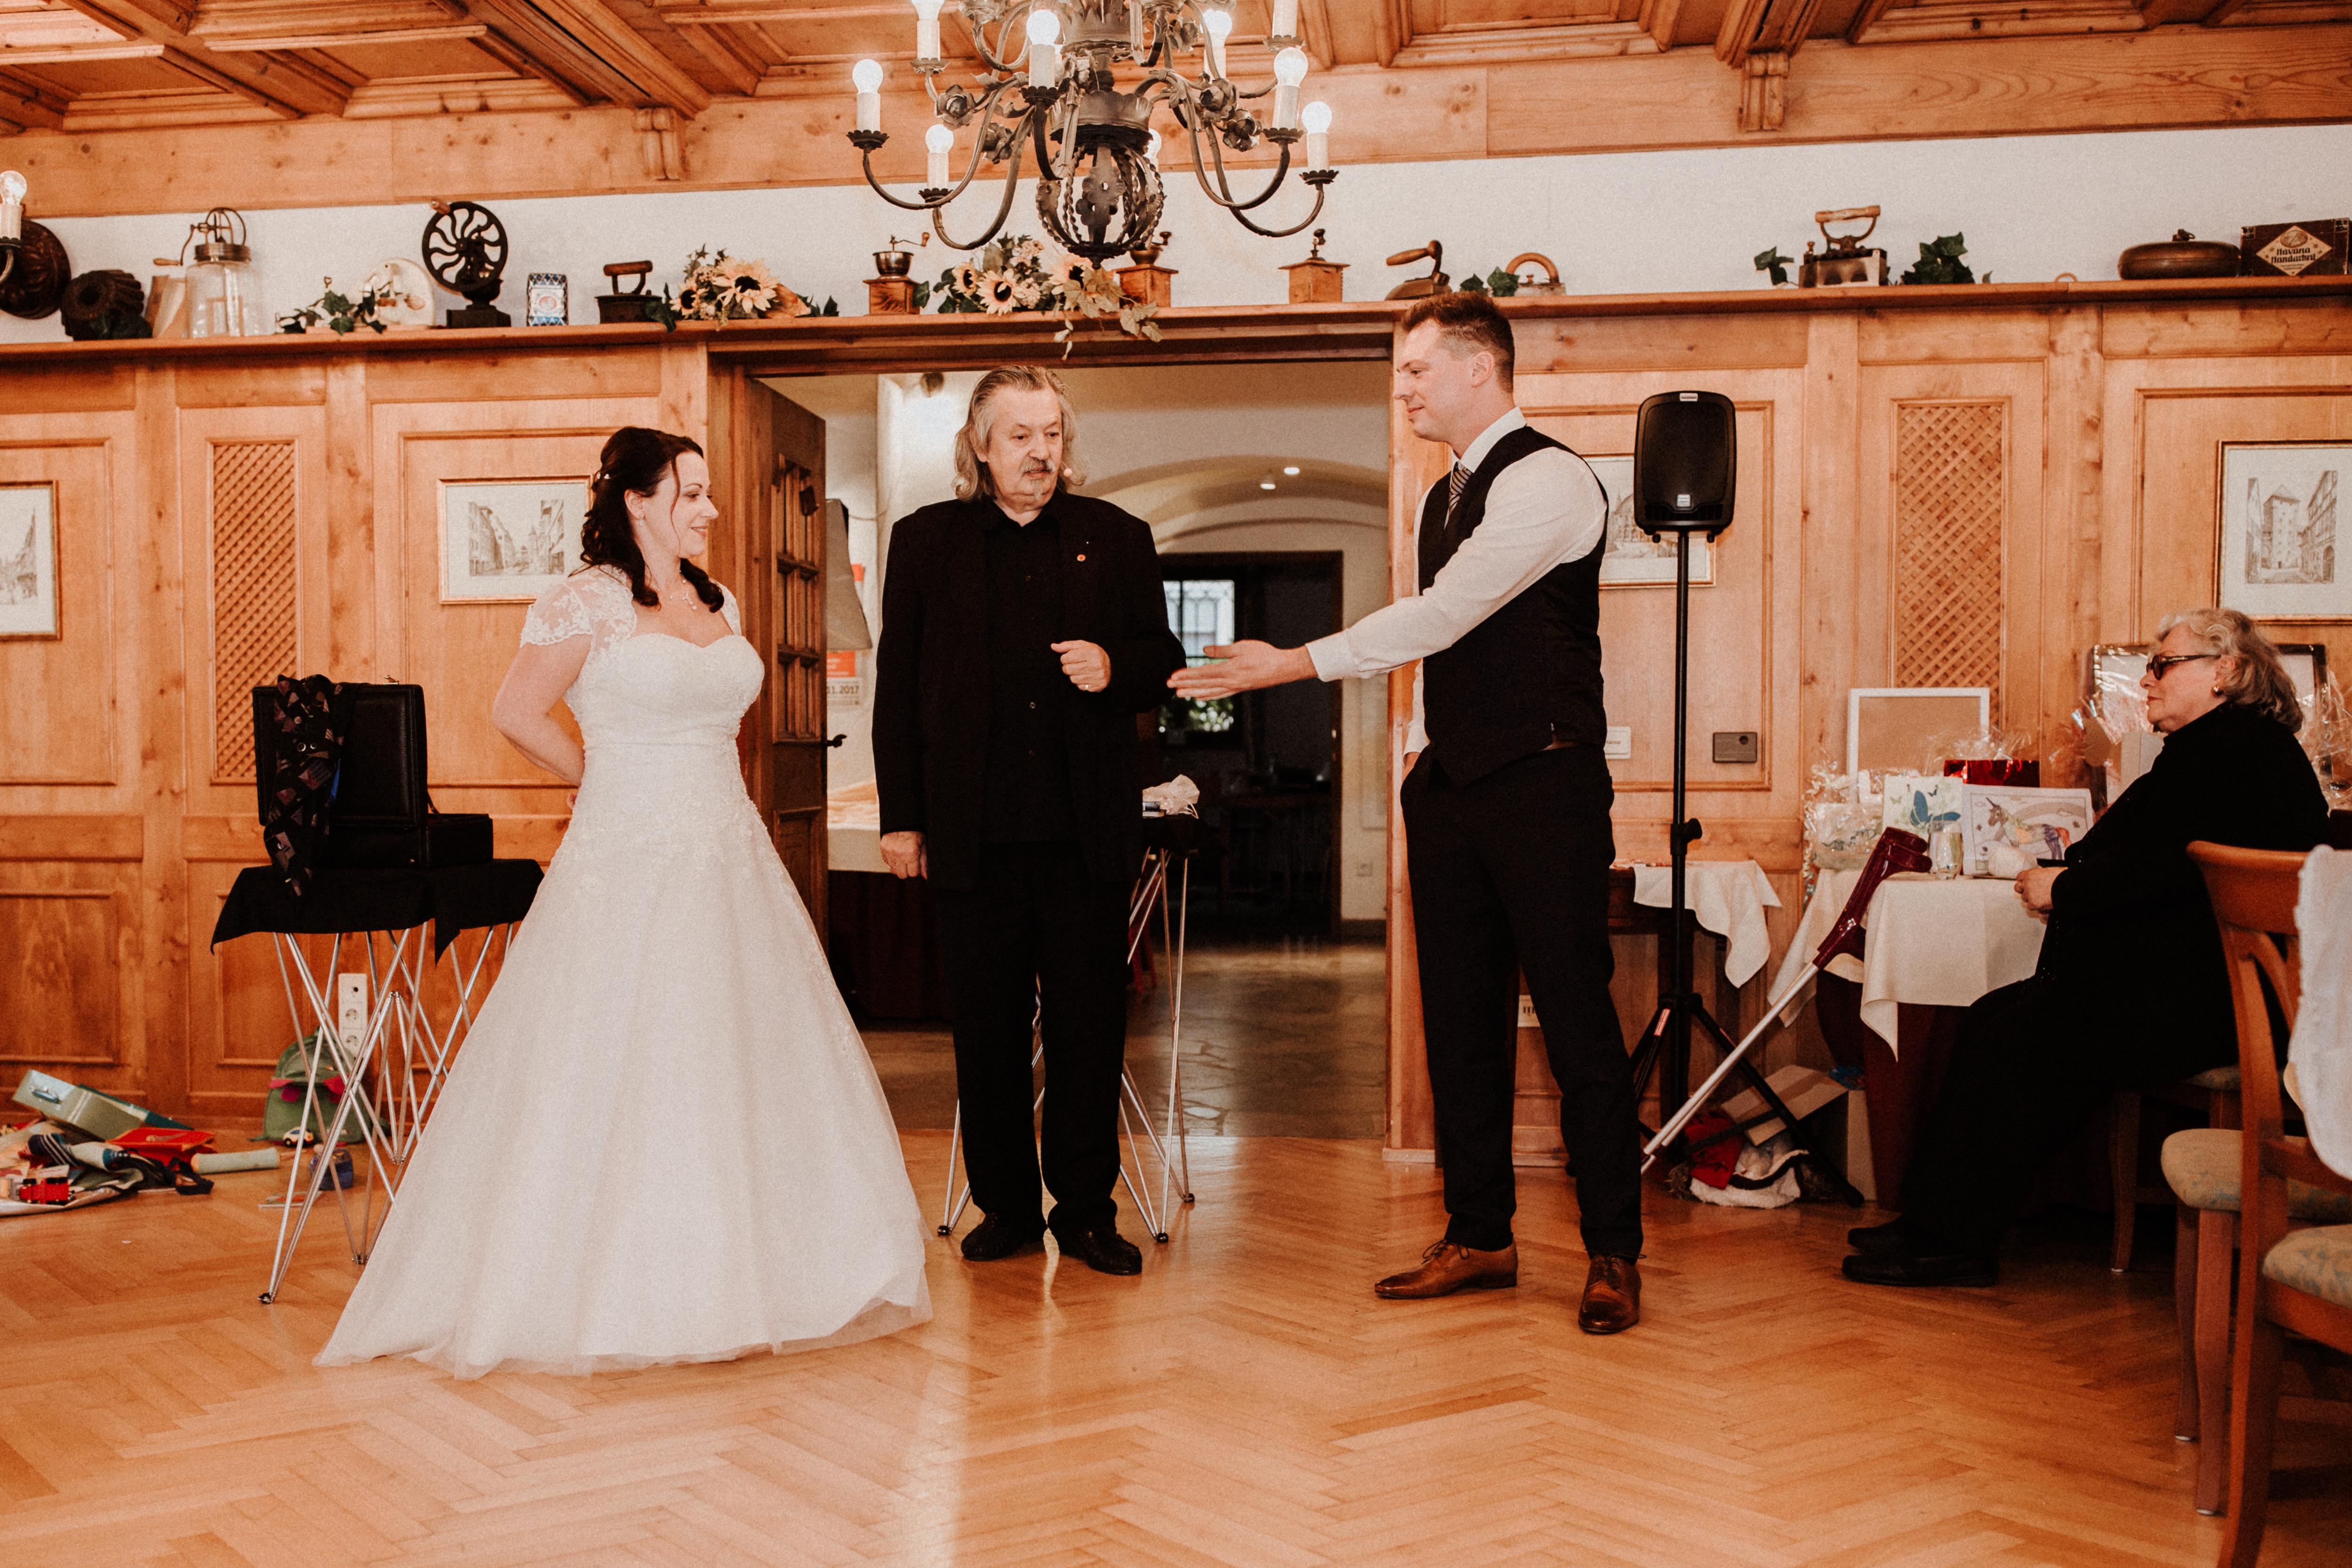 URBANERIE_Daniela_Goth_Hochzeitsfotografin_Nürnberg_Fürth_Erlangen_Schwabach_171007_1547